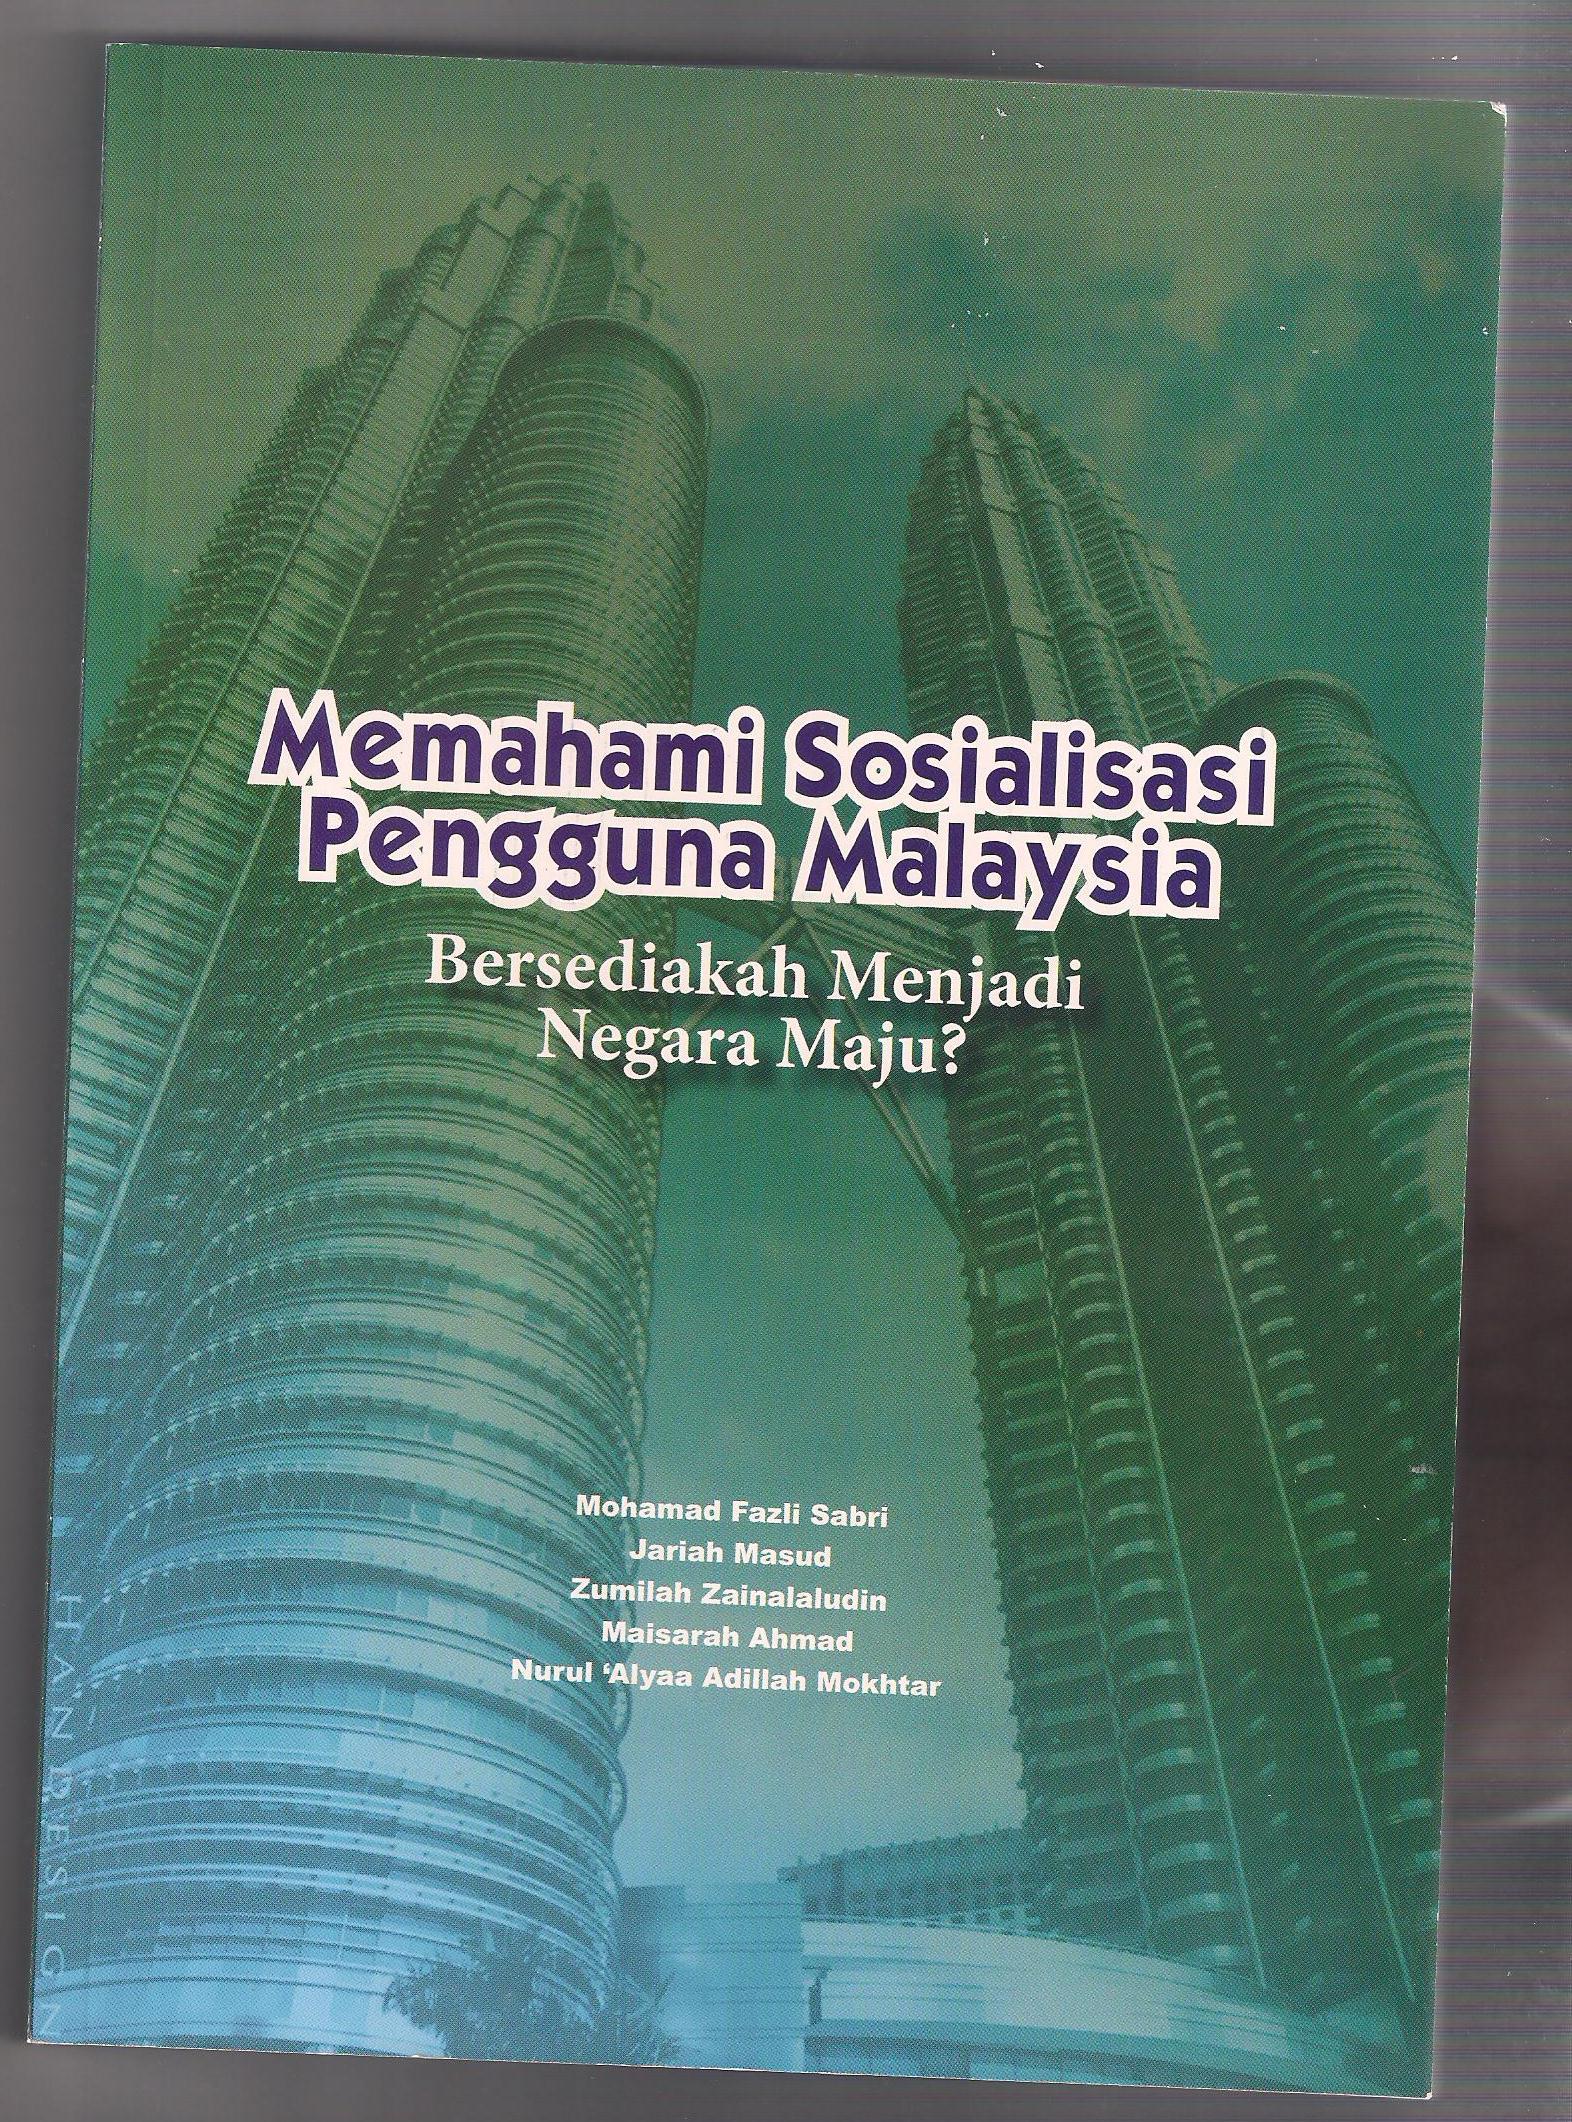 BUKU MEMAHAMI SOSIALISASI PENGGUNA MALAYSIA-BERSEDIAKAH MENJADI NEGARA MAJU